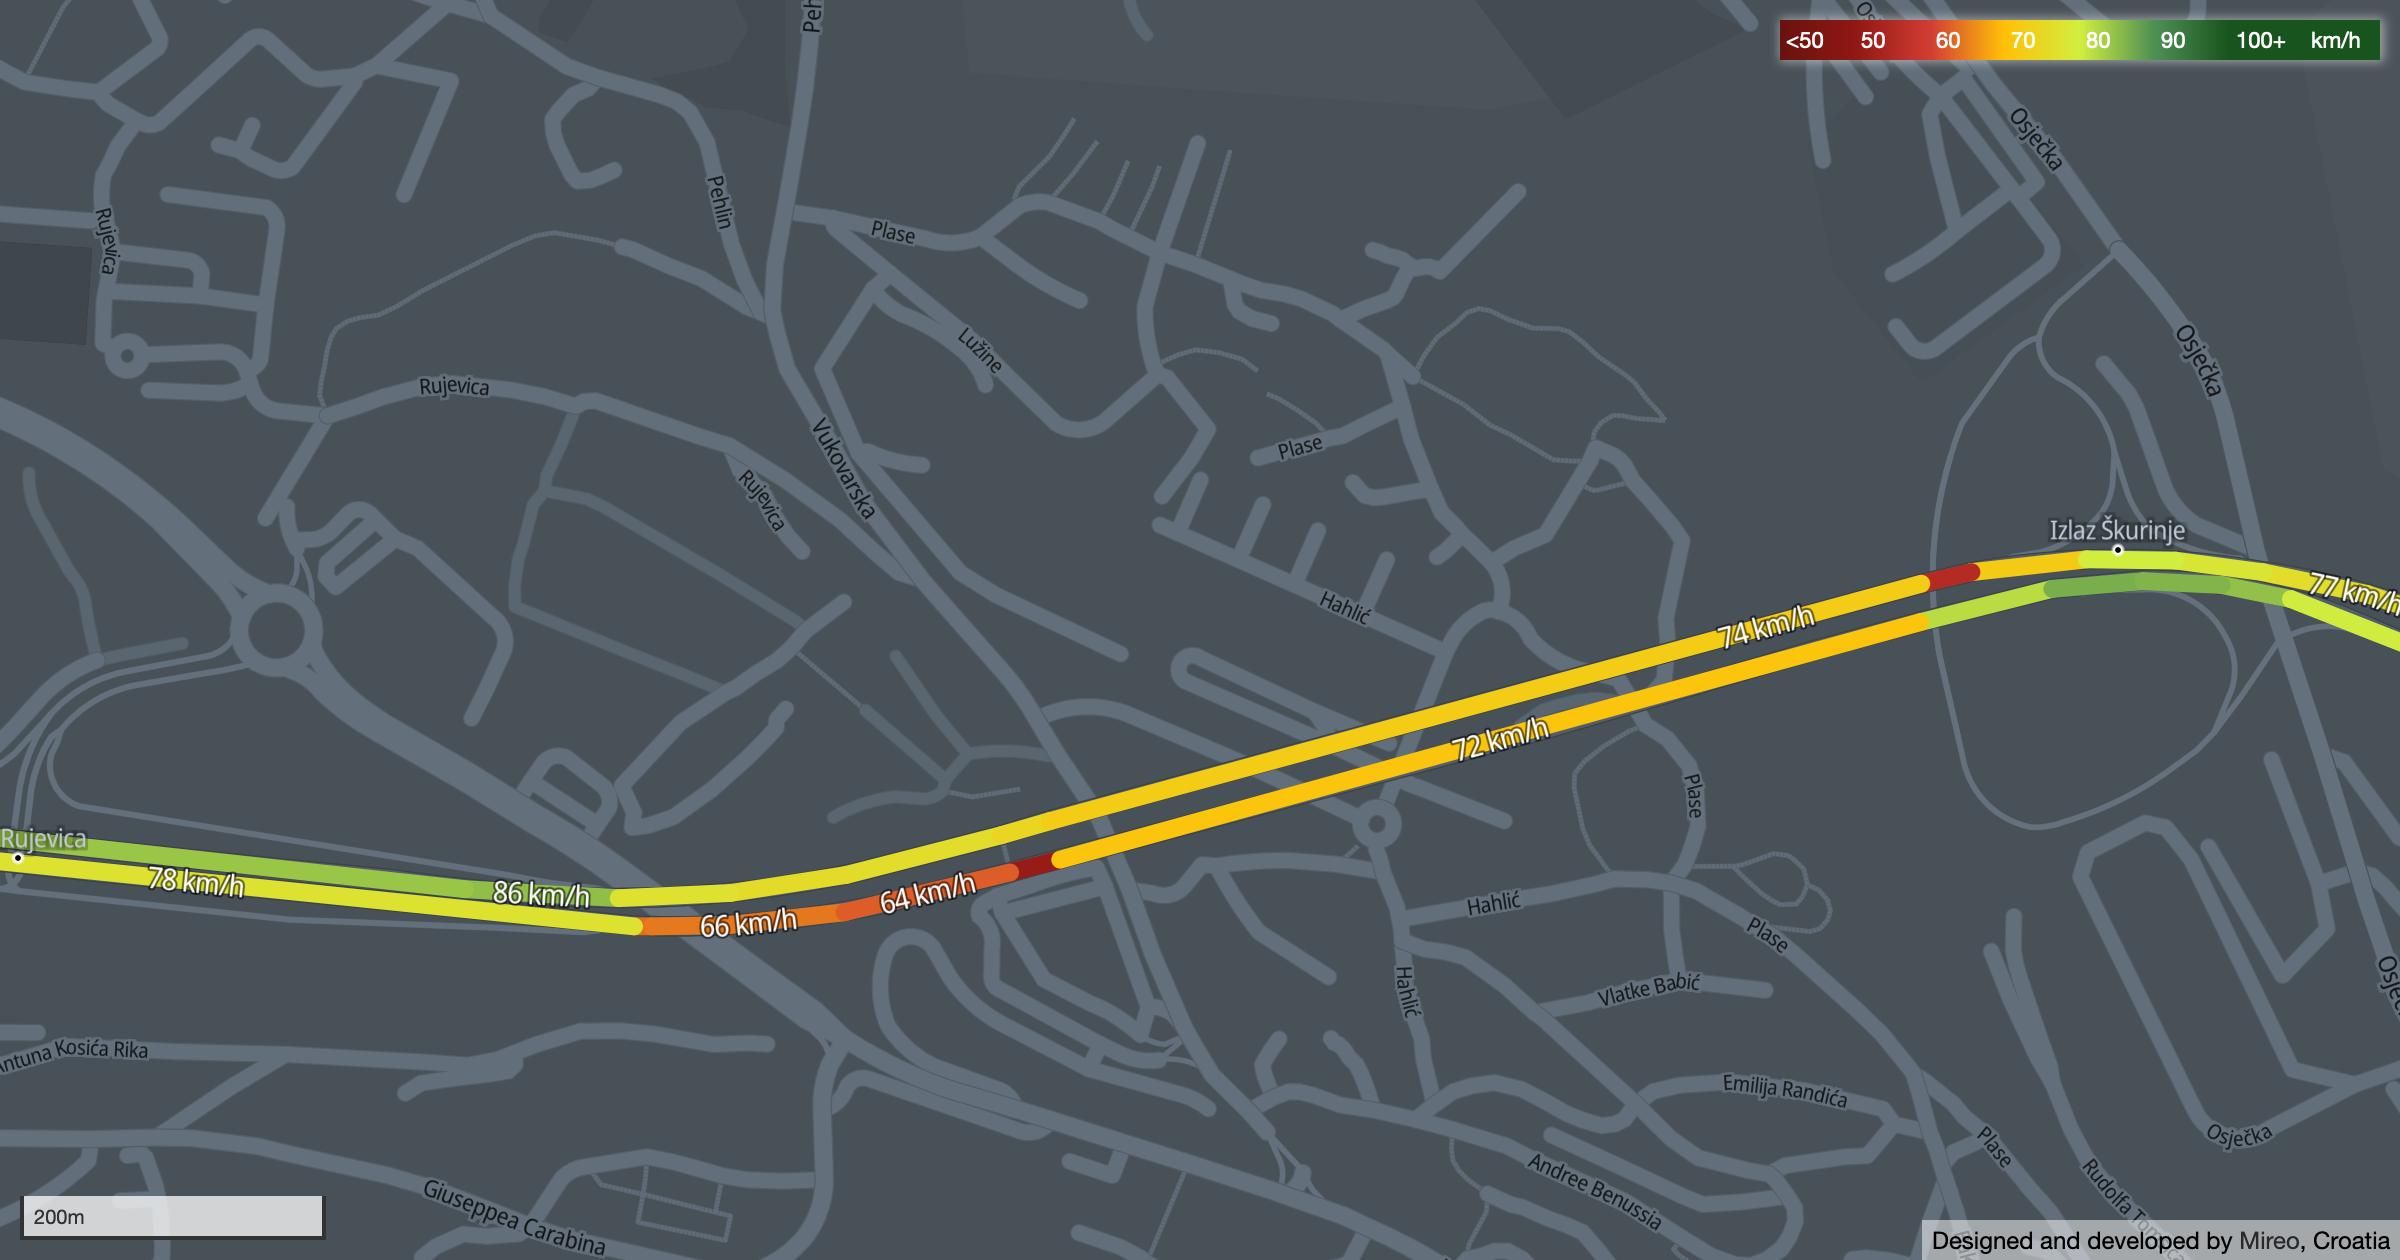 Average travel speed in Skurinje II tunnel | Brzine u Škurinje II nadzorna kamera